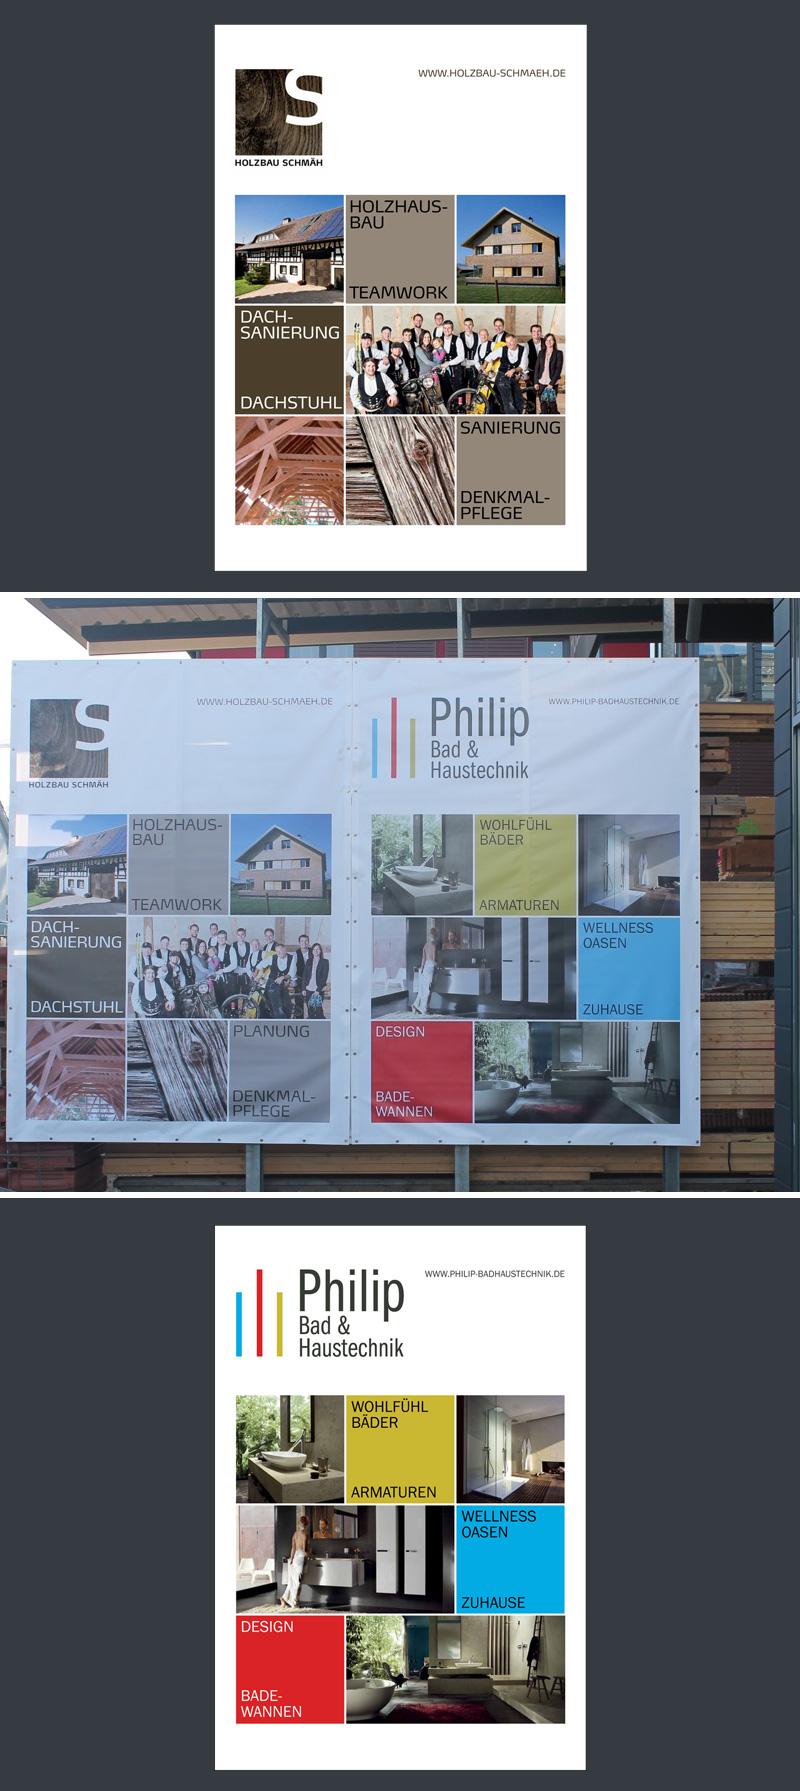 referenz-banner-schmaeh-philip-meersburg